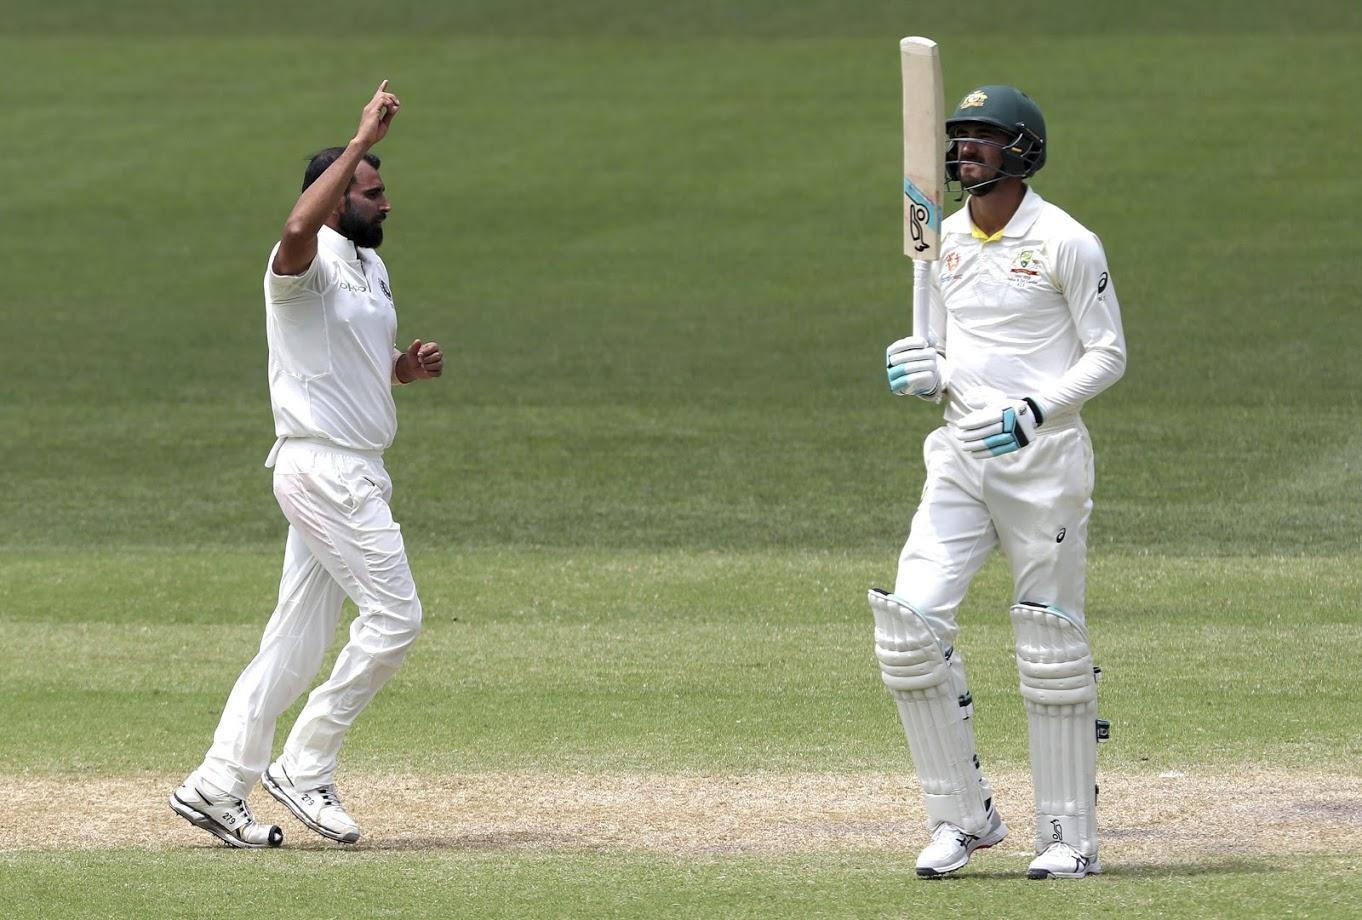 भारताने दुसऱ्या डावात ३०७ धावा केल्या . पहिल्या डावातील १५ धावांच्या आघाडीच्या जोरावर भारताने ऑस्ट्रेलियासमोर विजयासाठी ३२३ धावांचं आव्हान ठेवलं आहे.